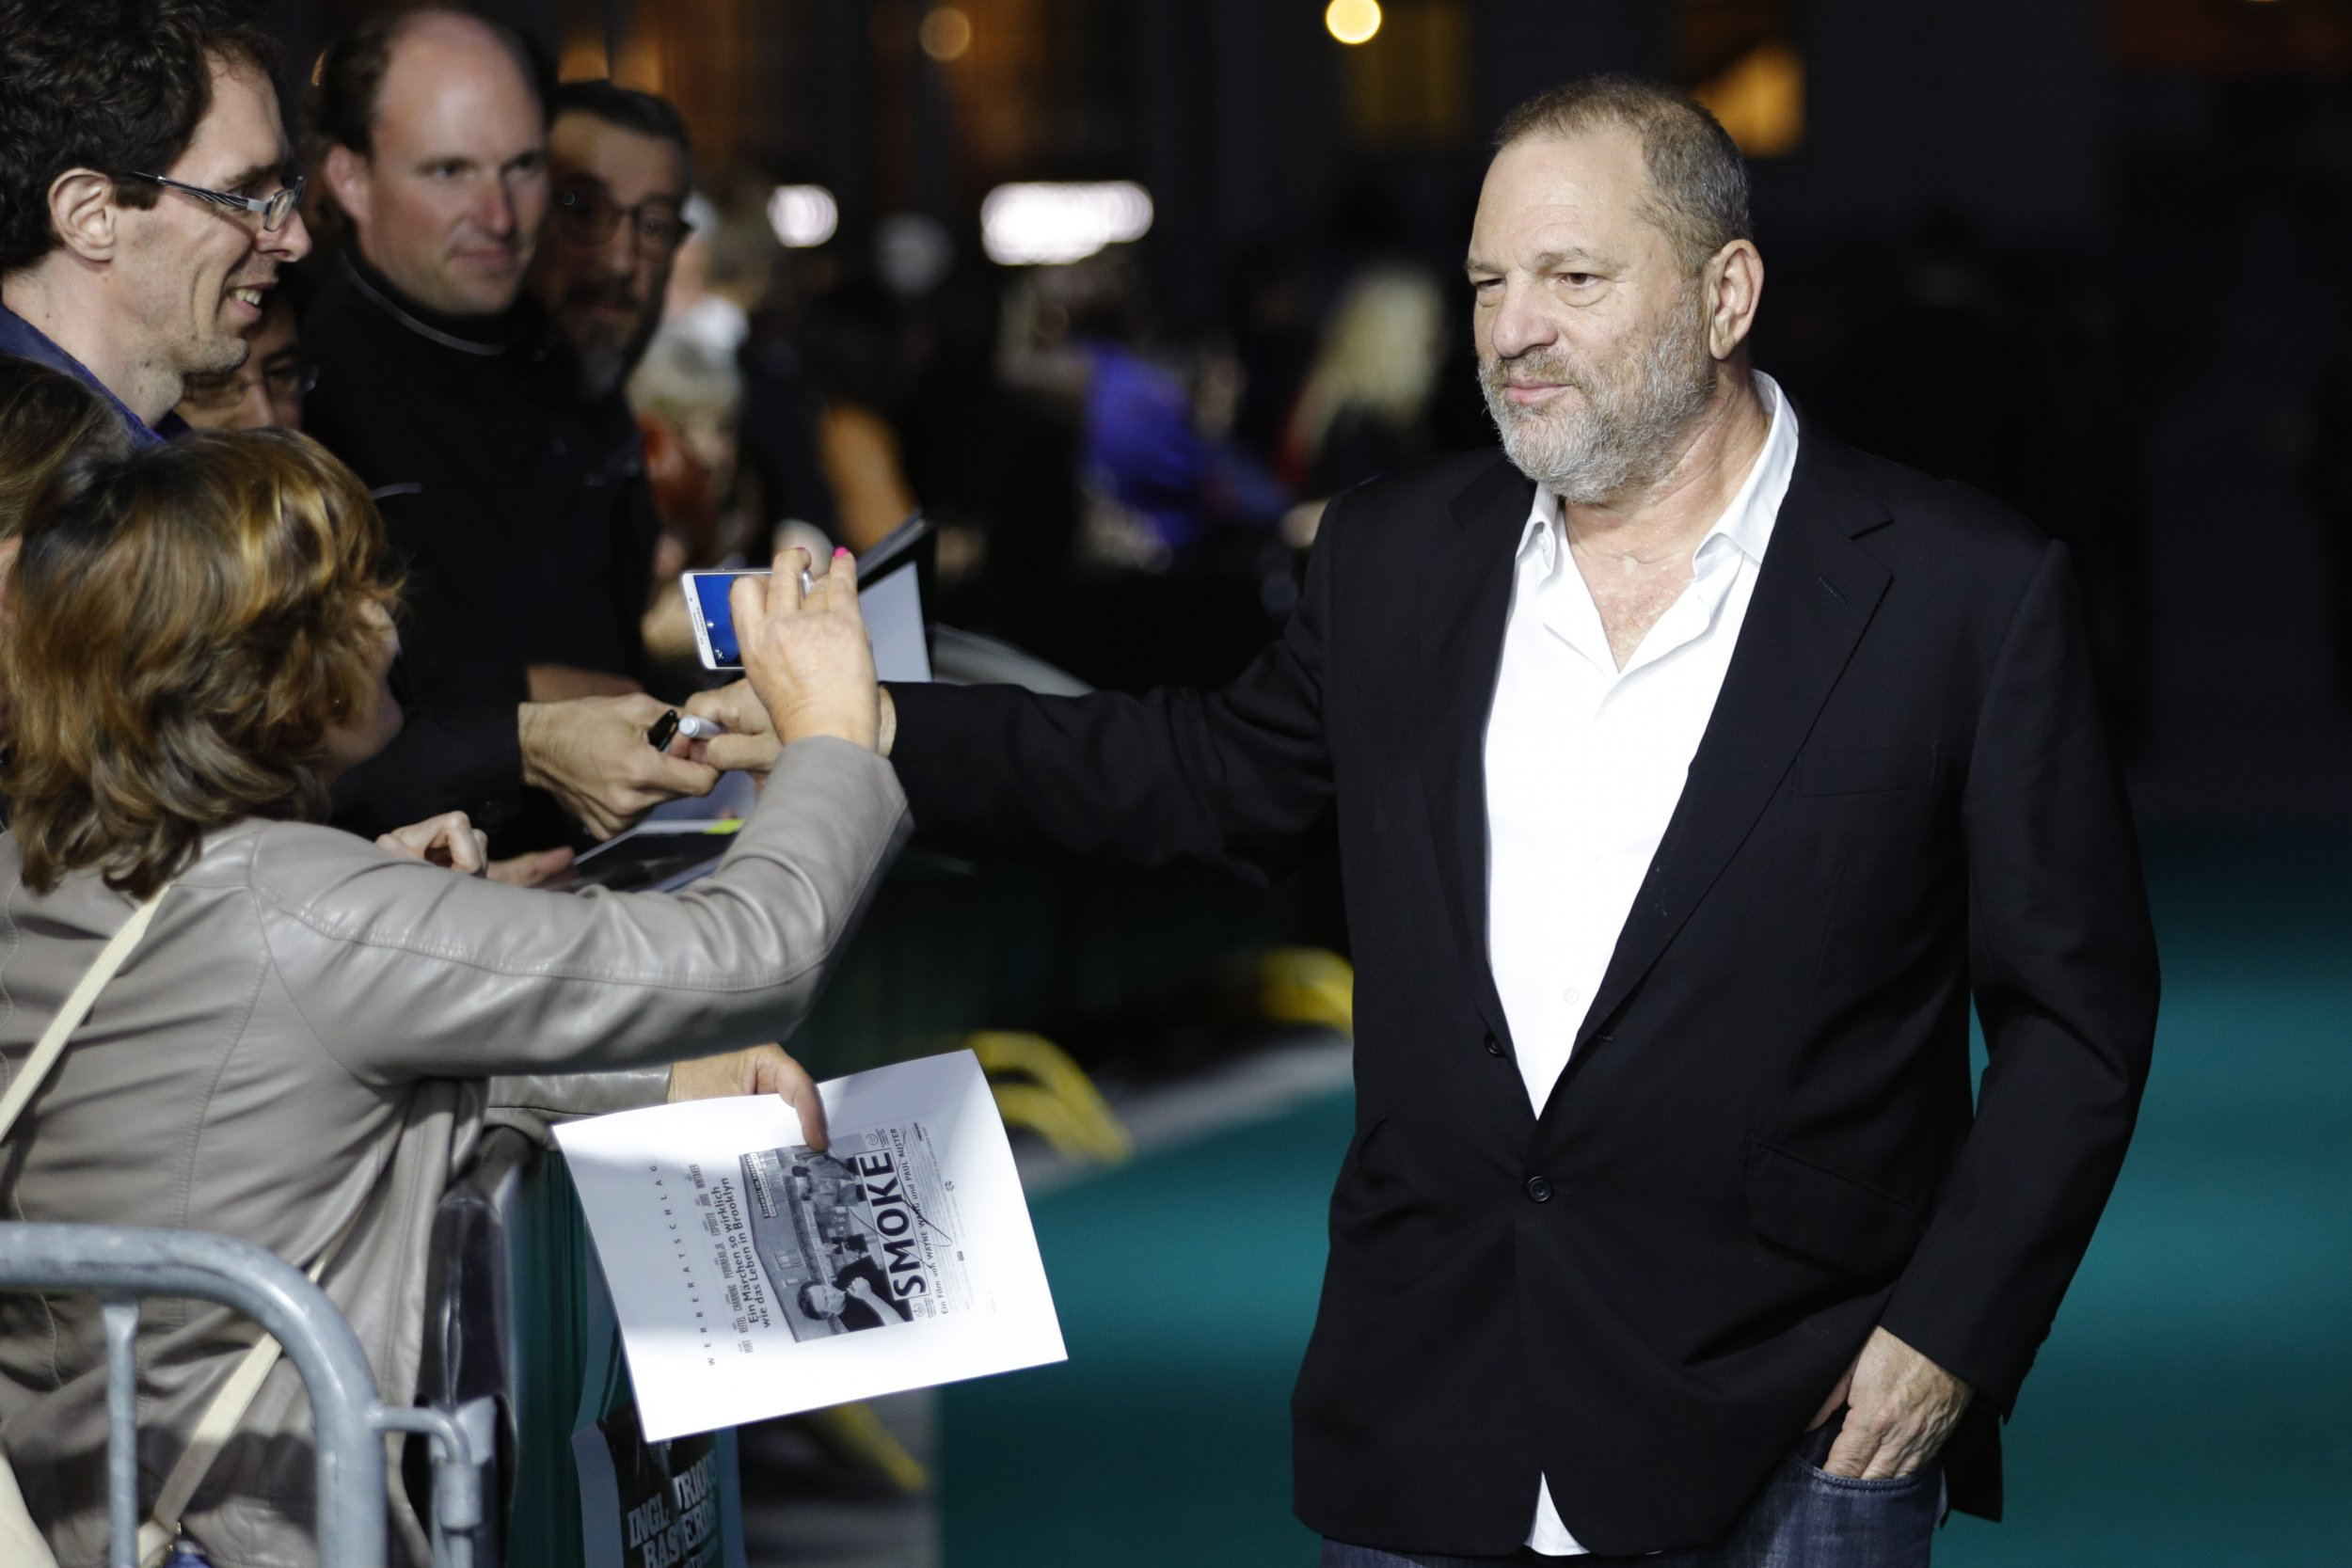 Harvey Weinstein slapped in restaurant, video shows